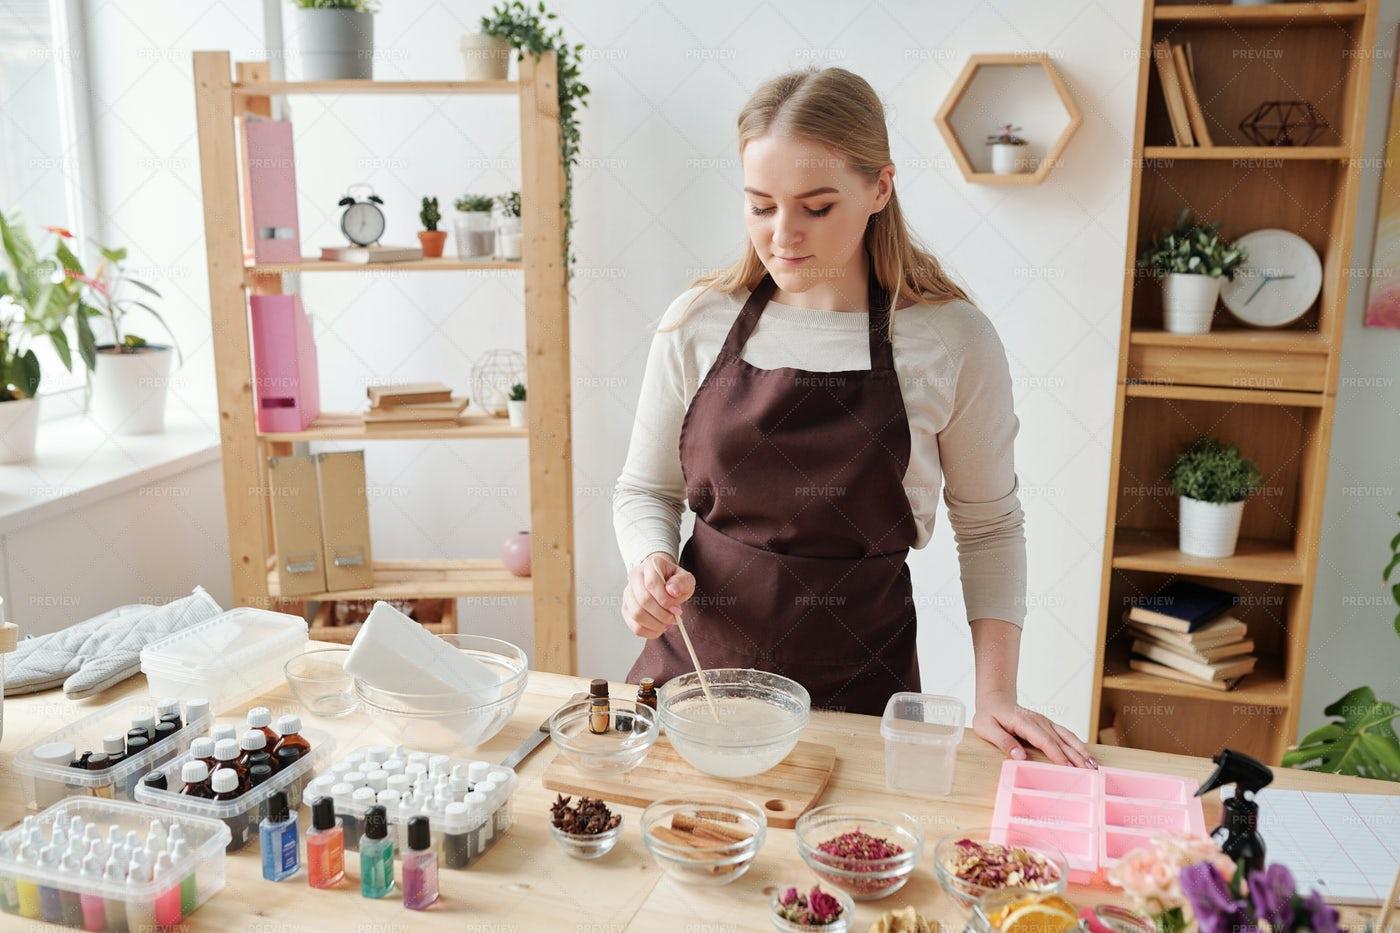 Craftswoman Mixing Liquid Soap Mass...: Stock Photos